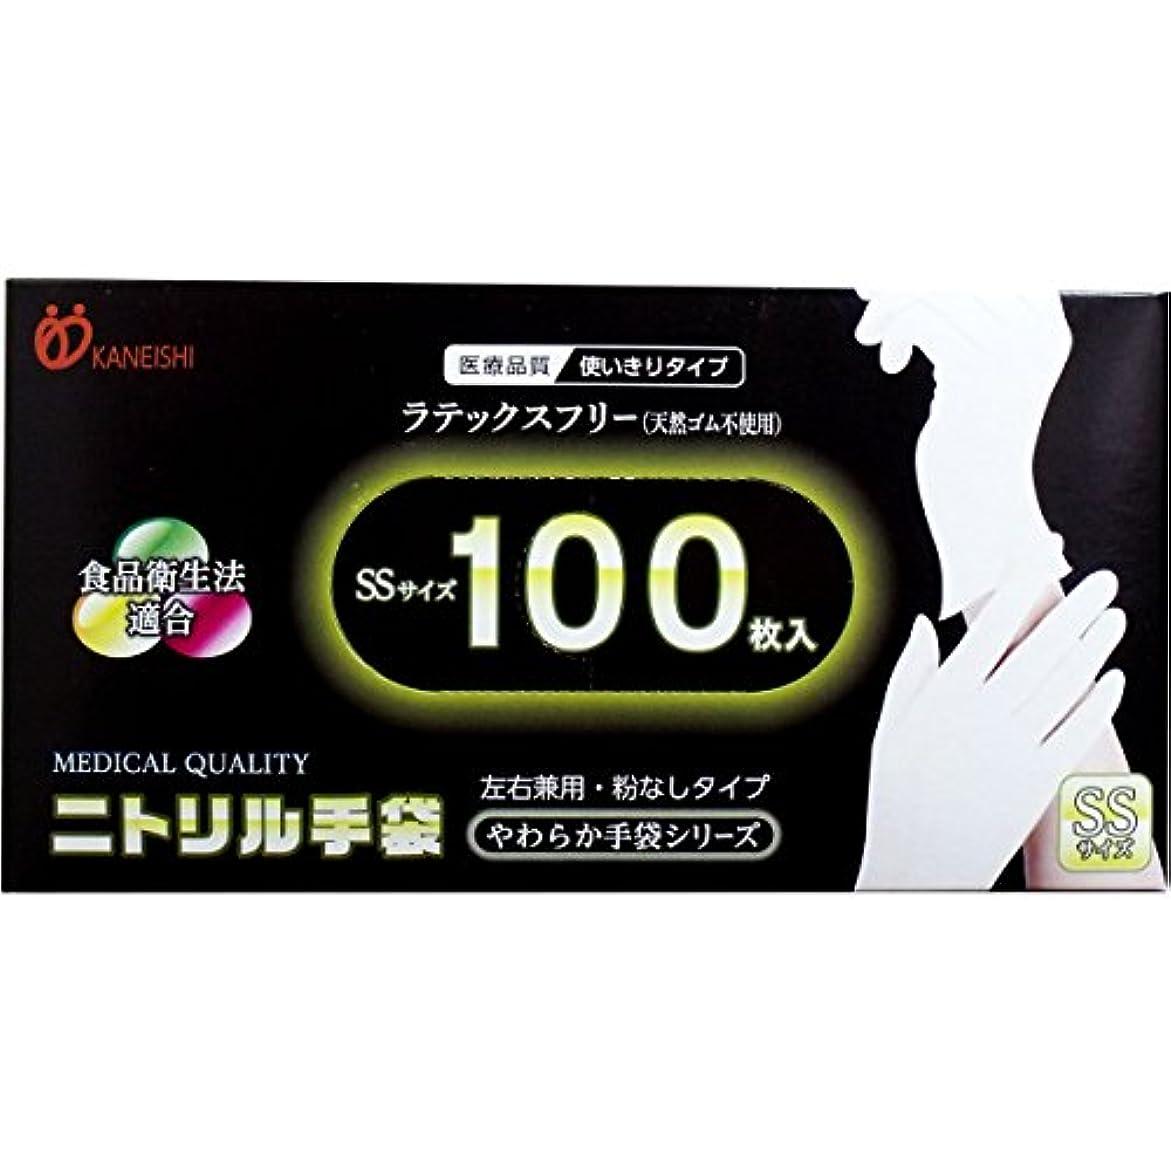 バンク実験あえぎ[12月23日まで特価]やわらかニトリル手袋 パウダーフリー 100枚入 SSサイズ ×2個セット